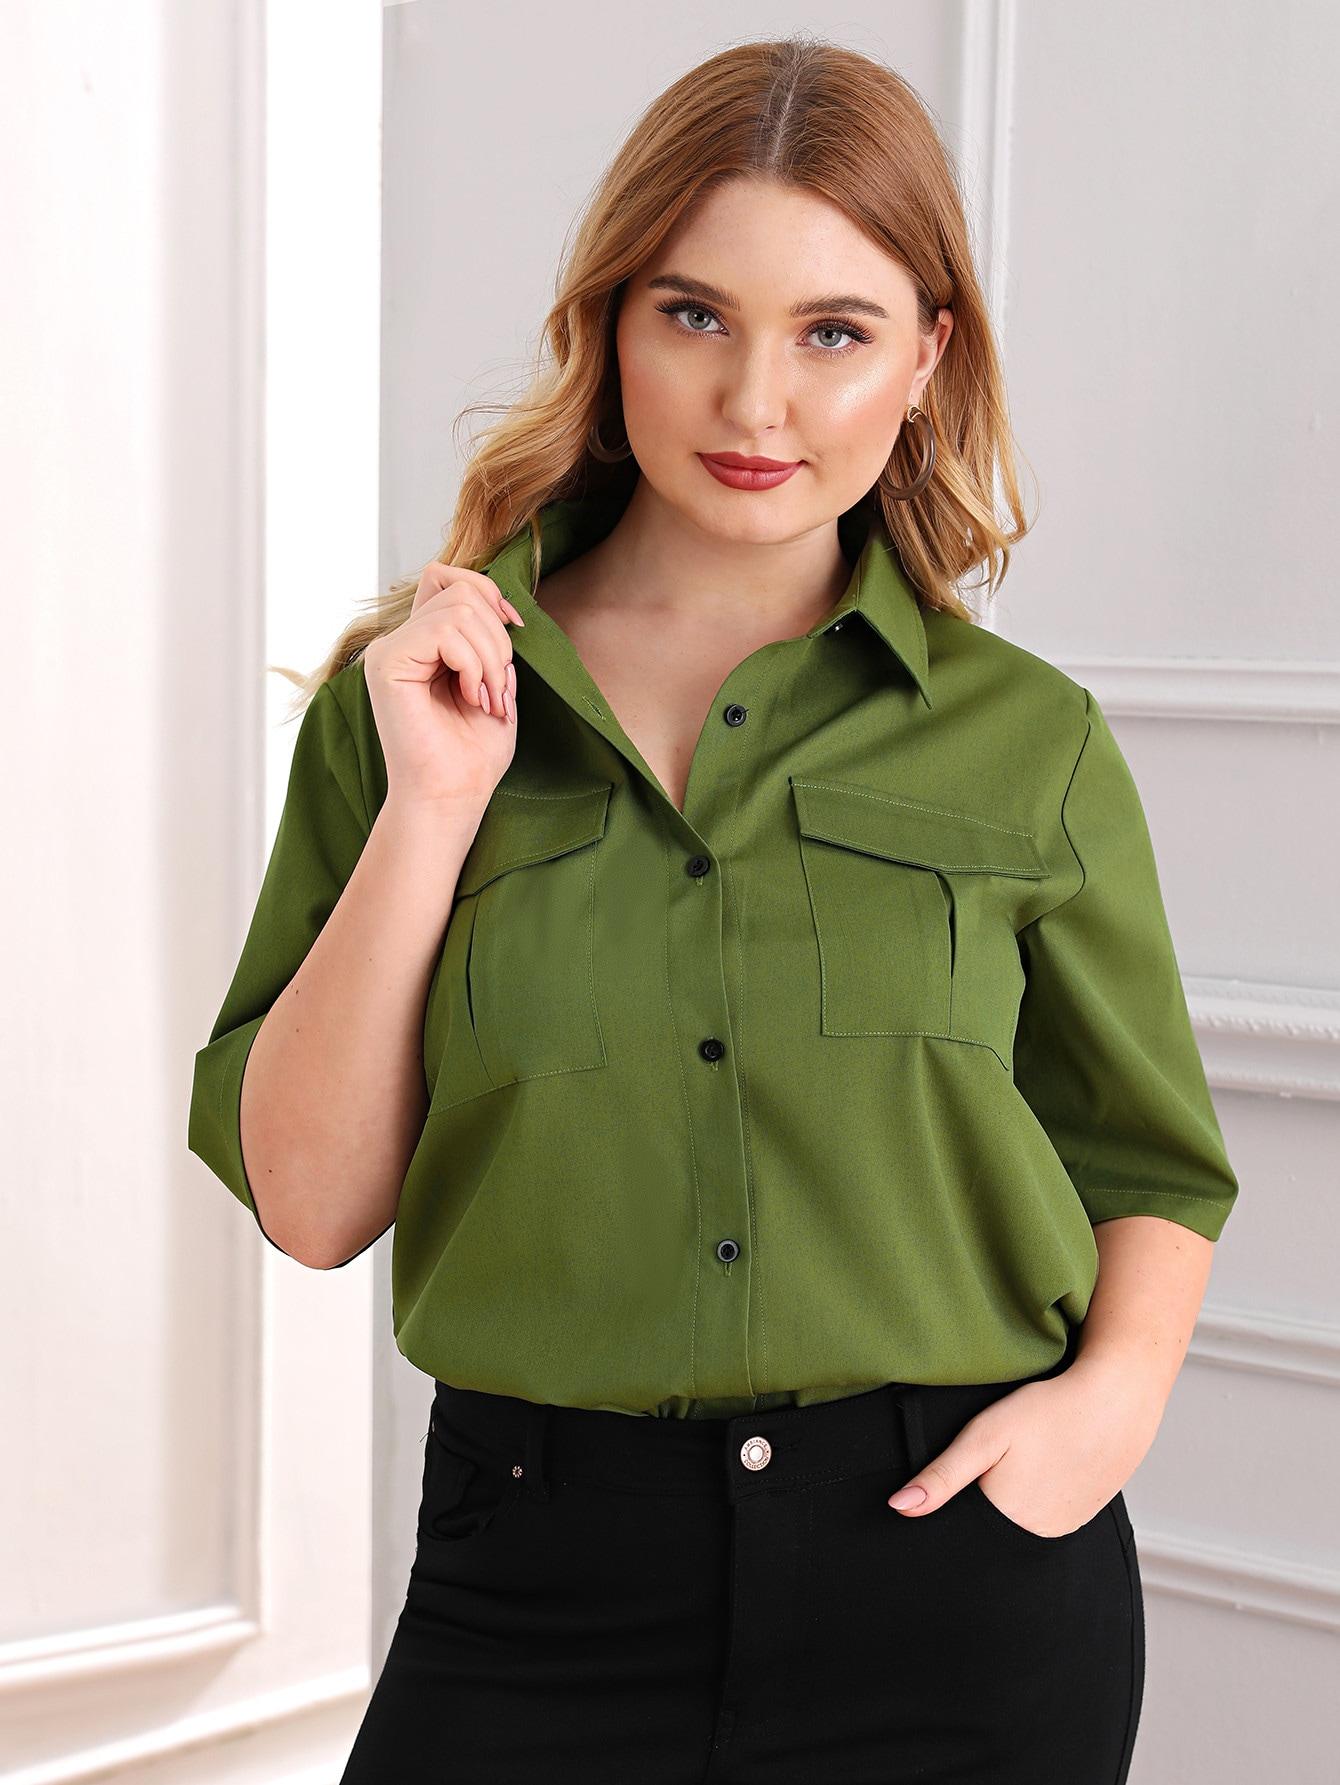 Фото - Блузу размера плюс с пуговицами от SheIn цвет цвета хаки